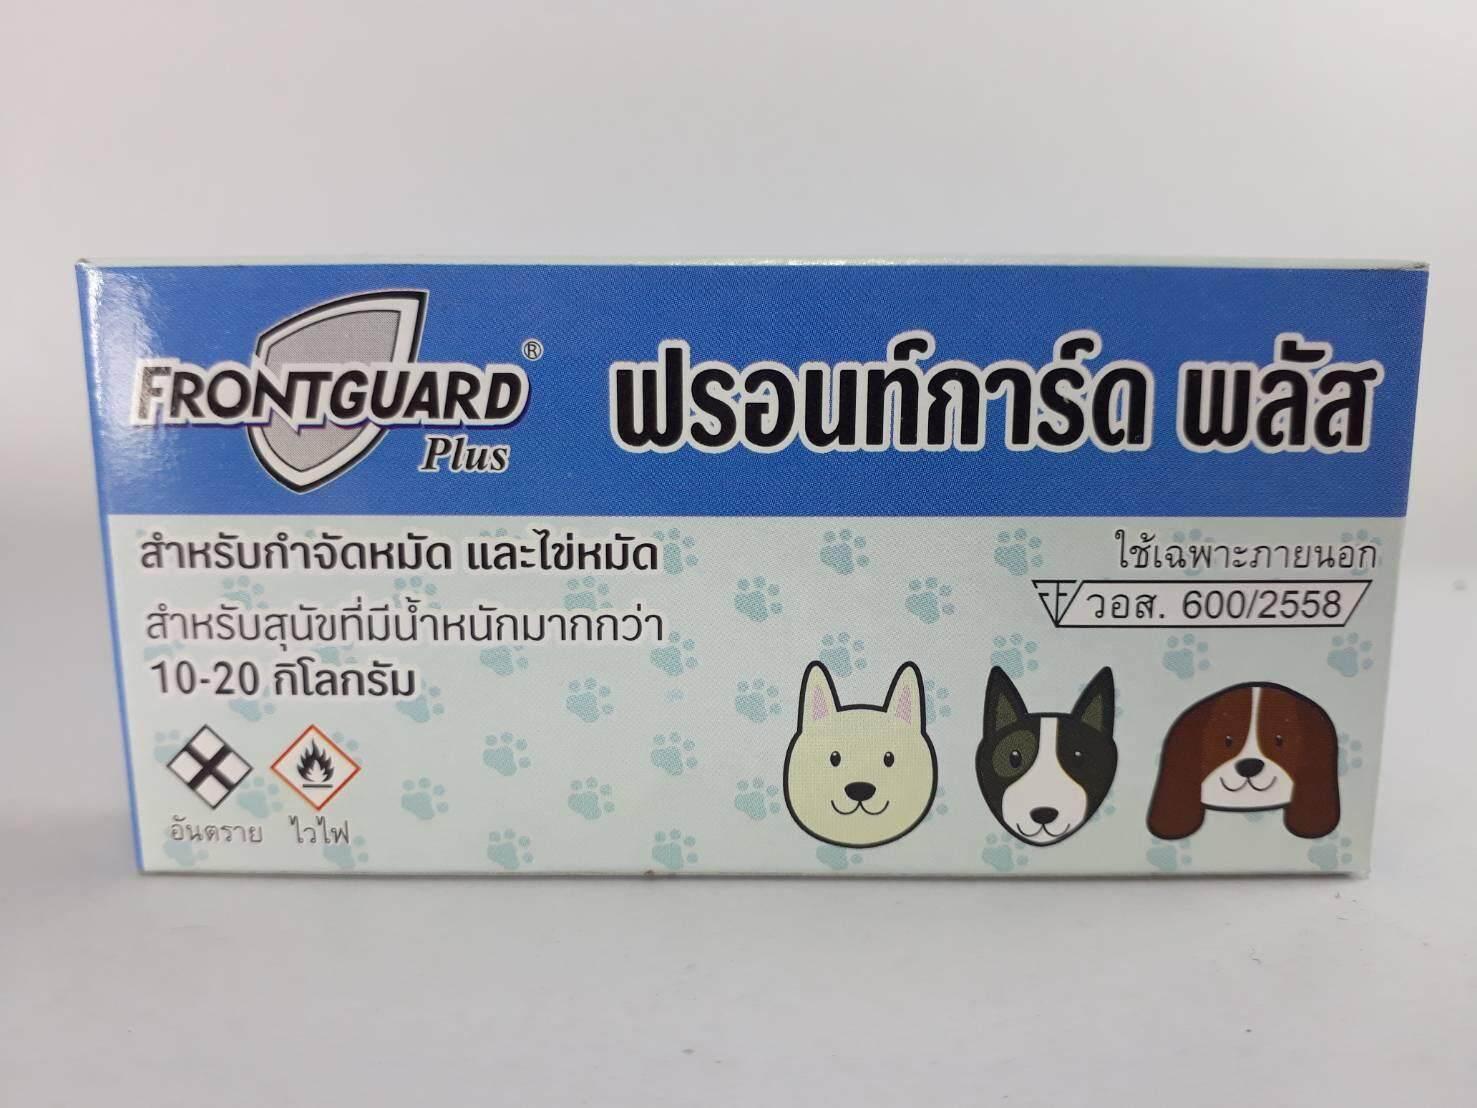 ยาหยอดเห็บ หมัด ไข่หมัด สุนัข  Frontguard Plus น้ำหนัก 10-20 กก.  1 หลอด